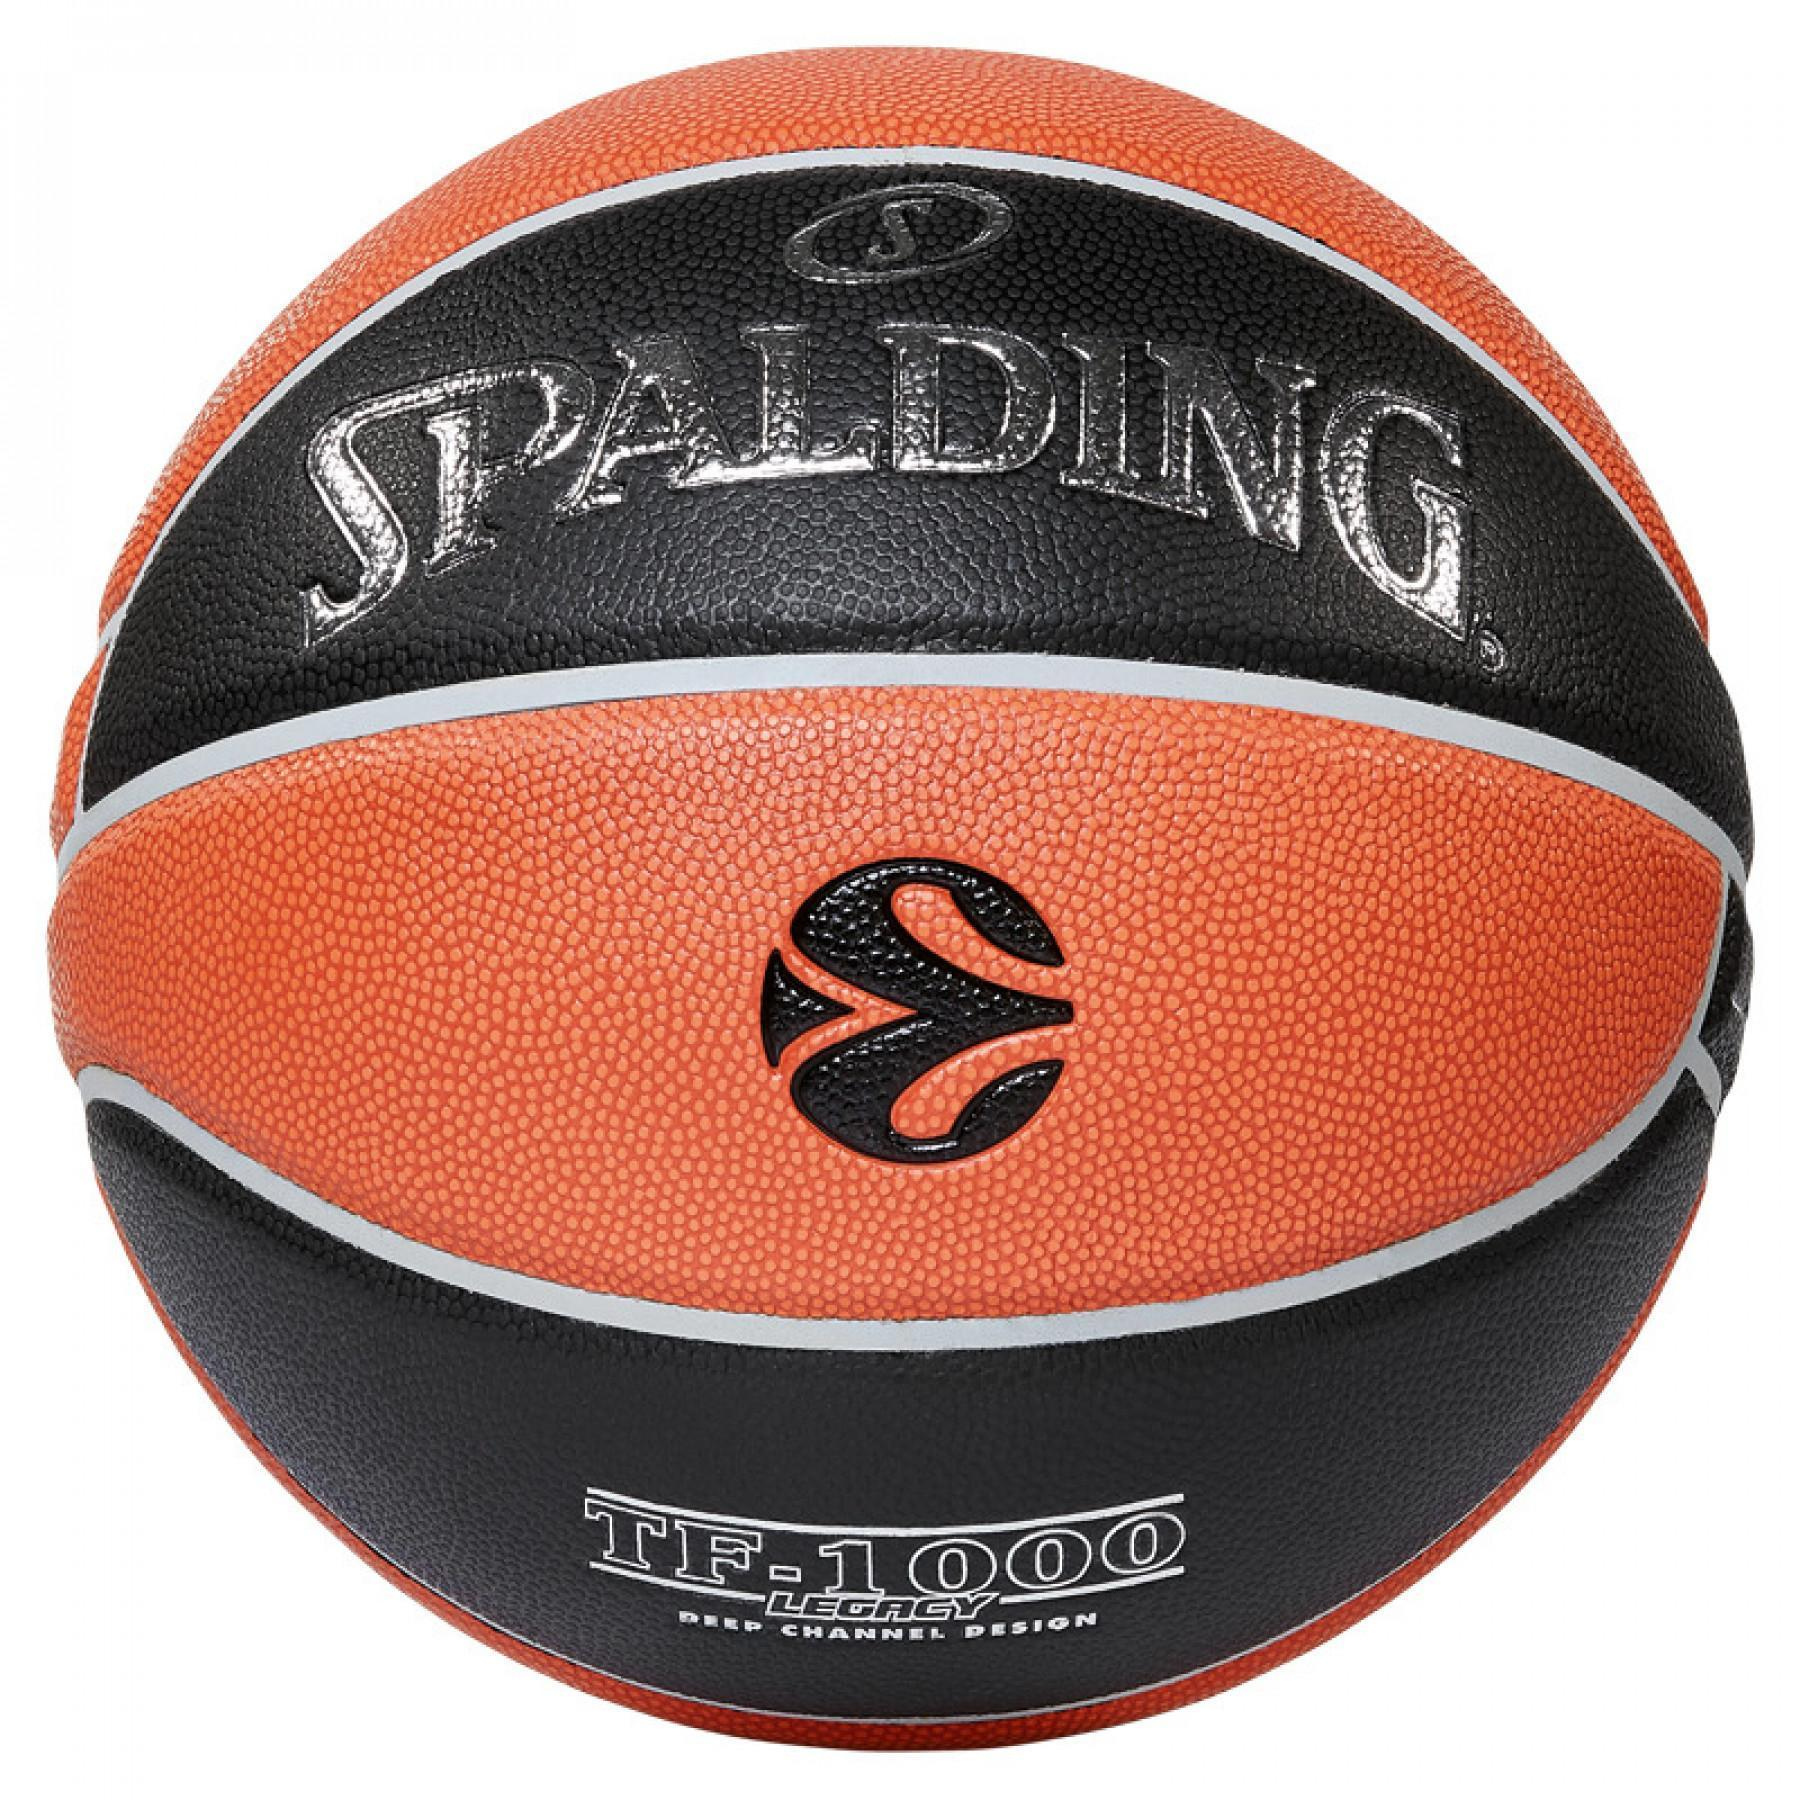 Euroleague Tf1000 Legacy Spalding Ball (84-004z)